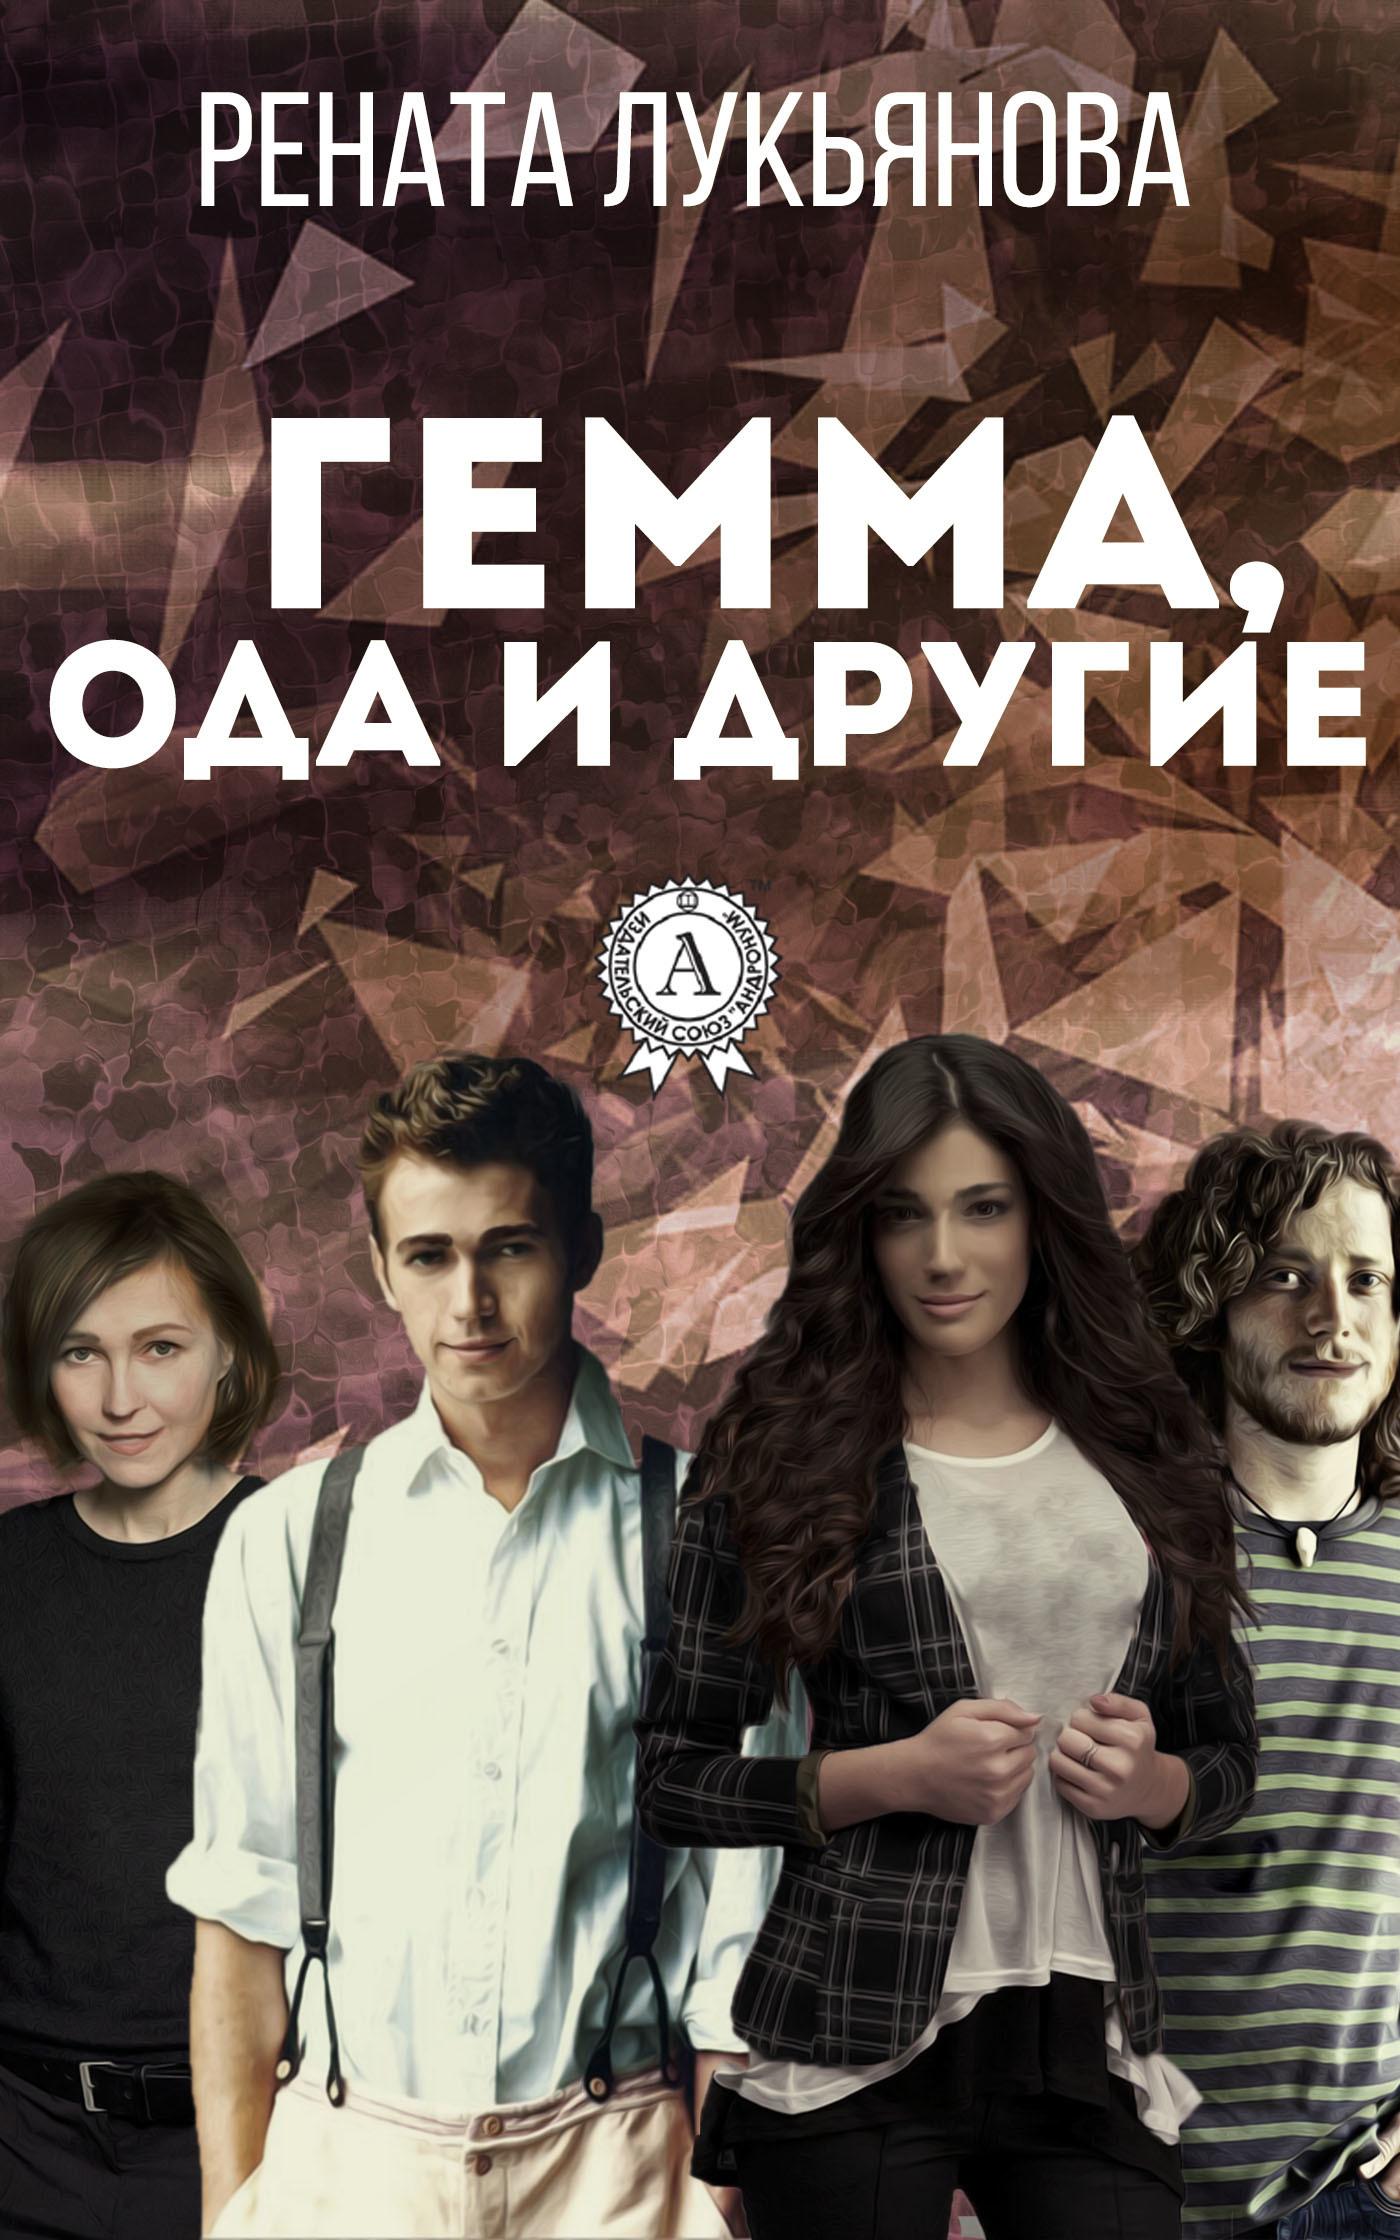 Рената Лукьянова - Гемма, ода и другие